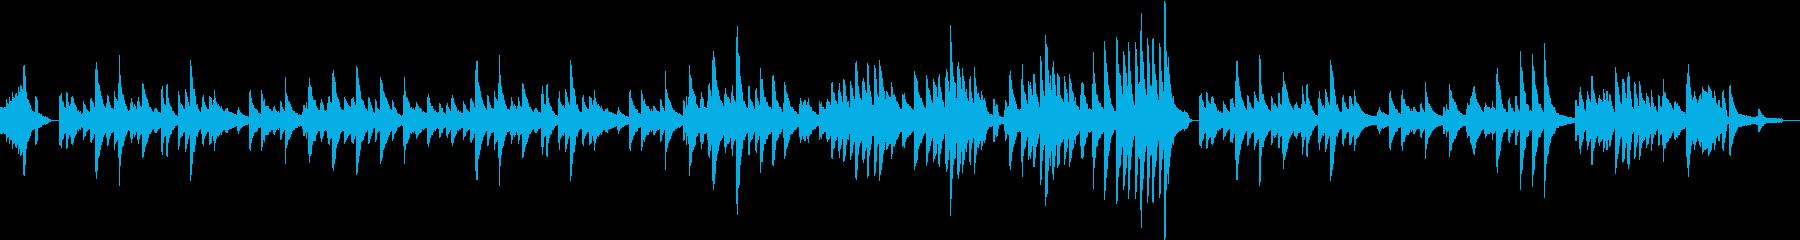 ロマンチックジャズバラード ピアノソロの再生済みの波形